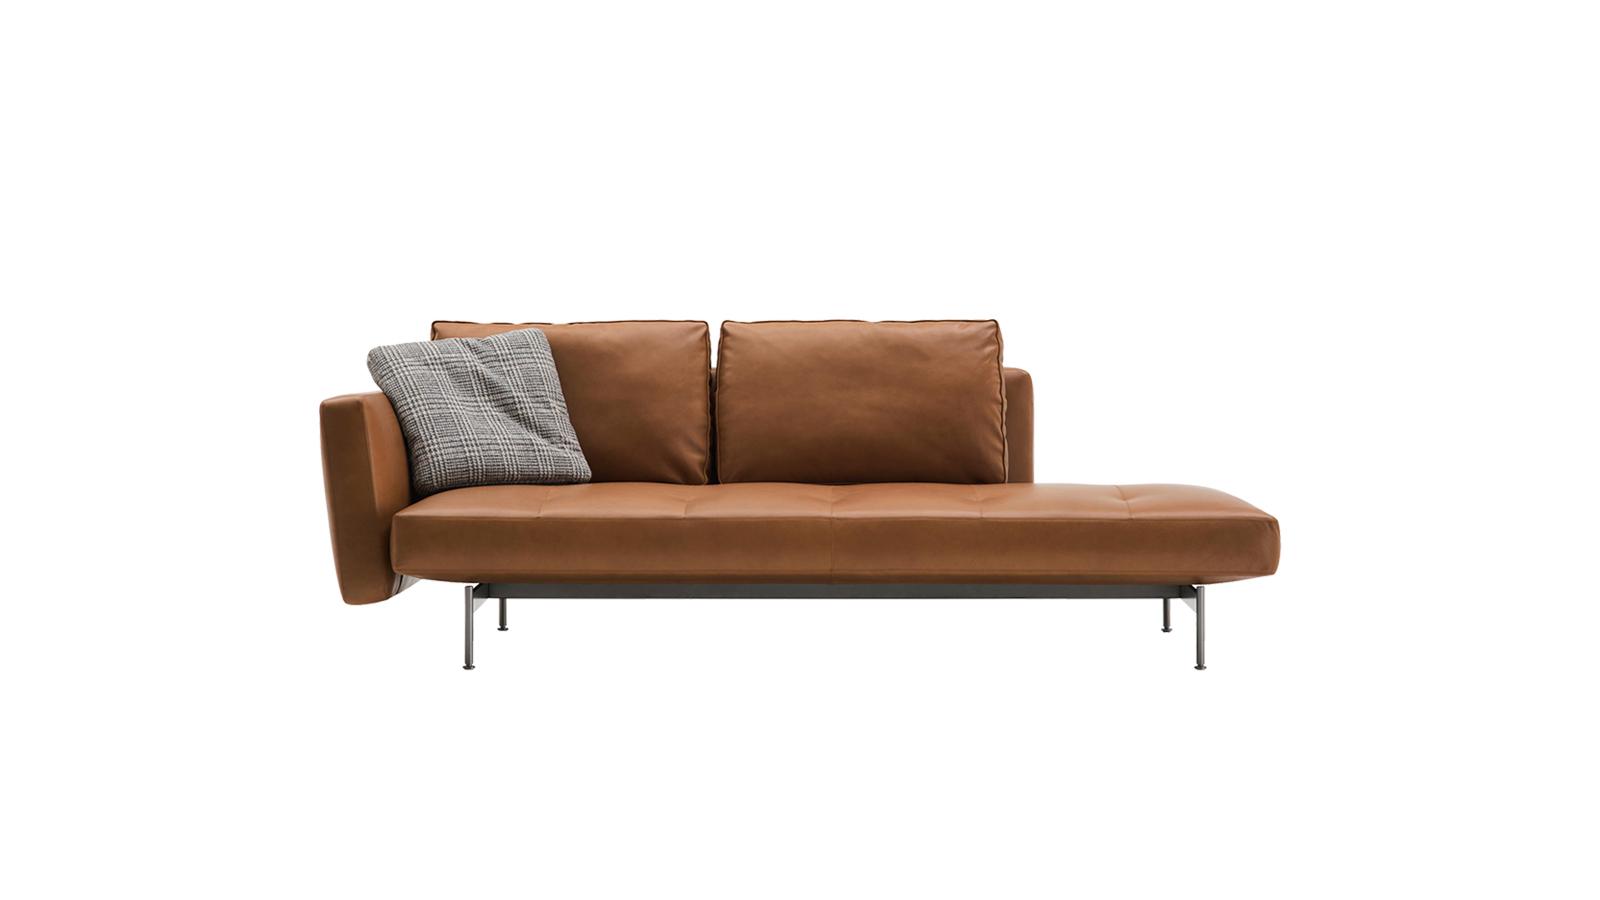 """""""A Piero Lissoni által megálmodott Saké kanapé maga a légiesség. Alig észrevehető, vékonylábai révén olyan érzetet kelt, mintha egy levegőbe kifeszített szőnyeget látnánk, amit párnák ölelnek körbe. Egyszerűen fogalmazva, finom arányokkal, modern formanyelven a B&B Italiától."""""""